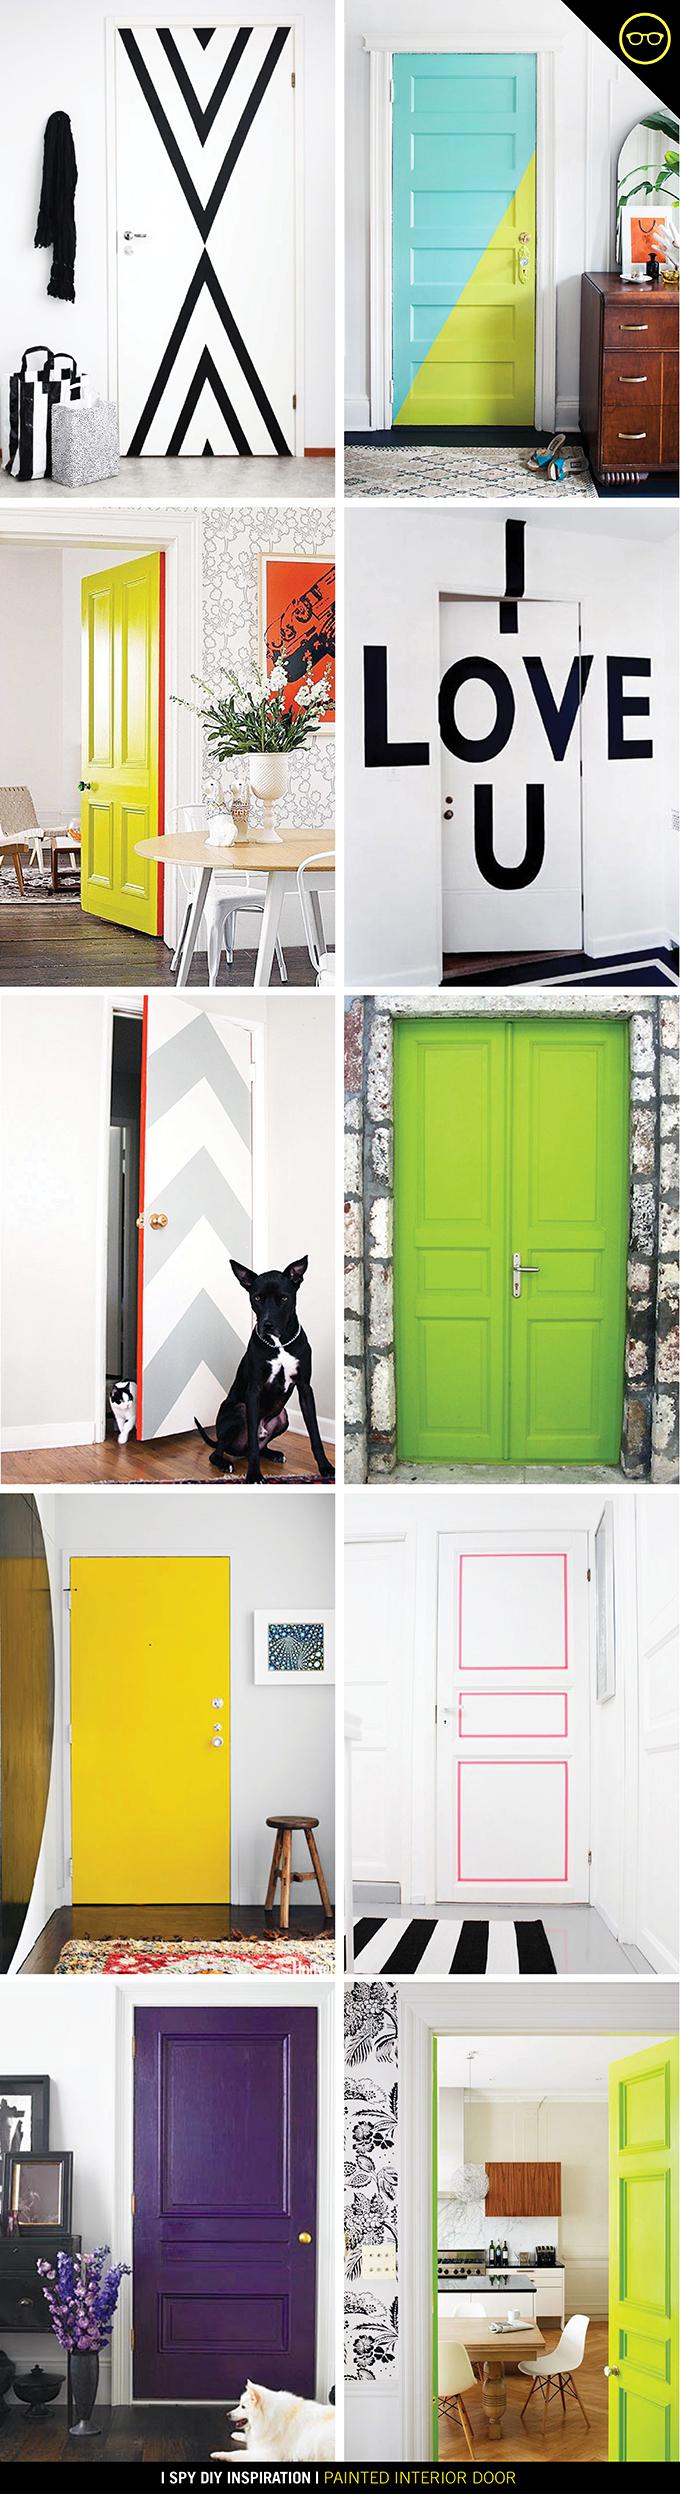 Ispydiy_doors